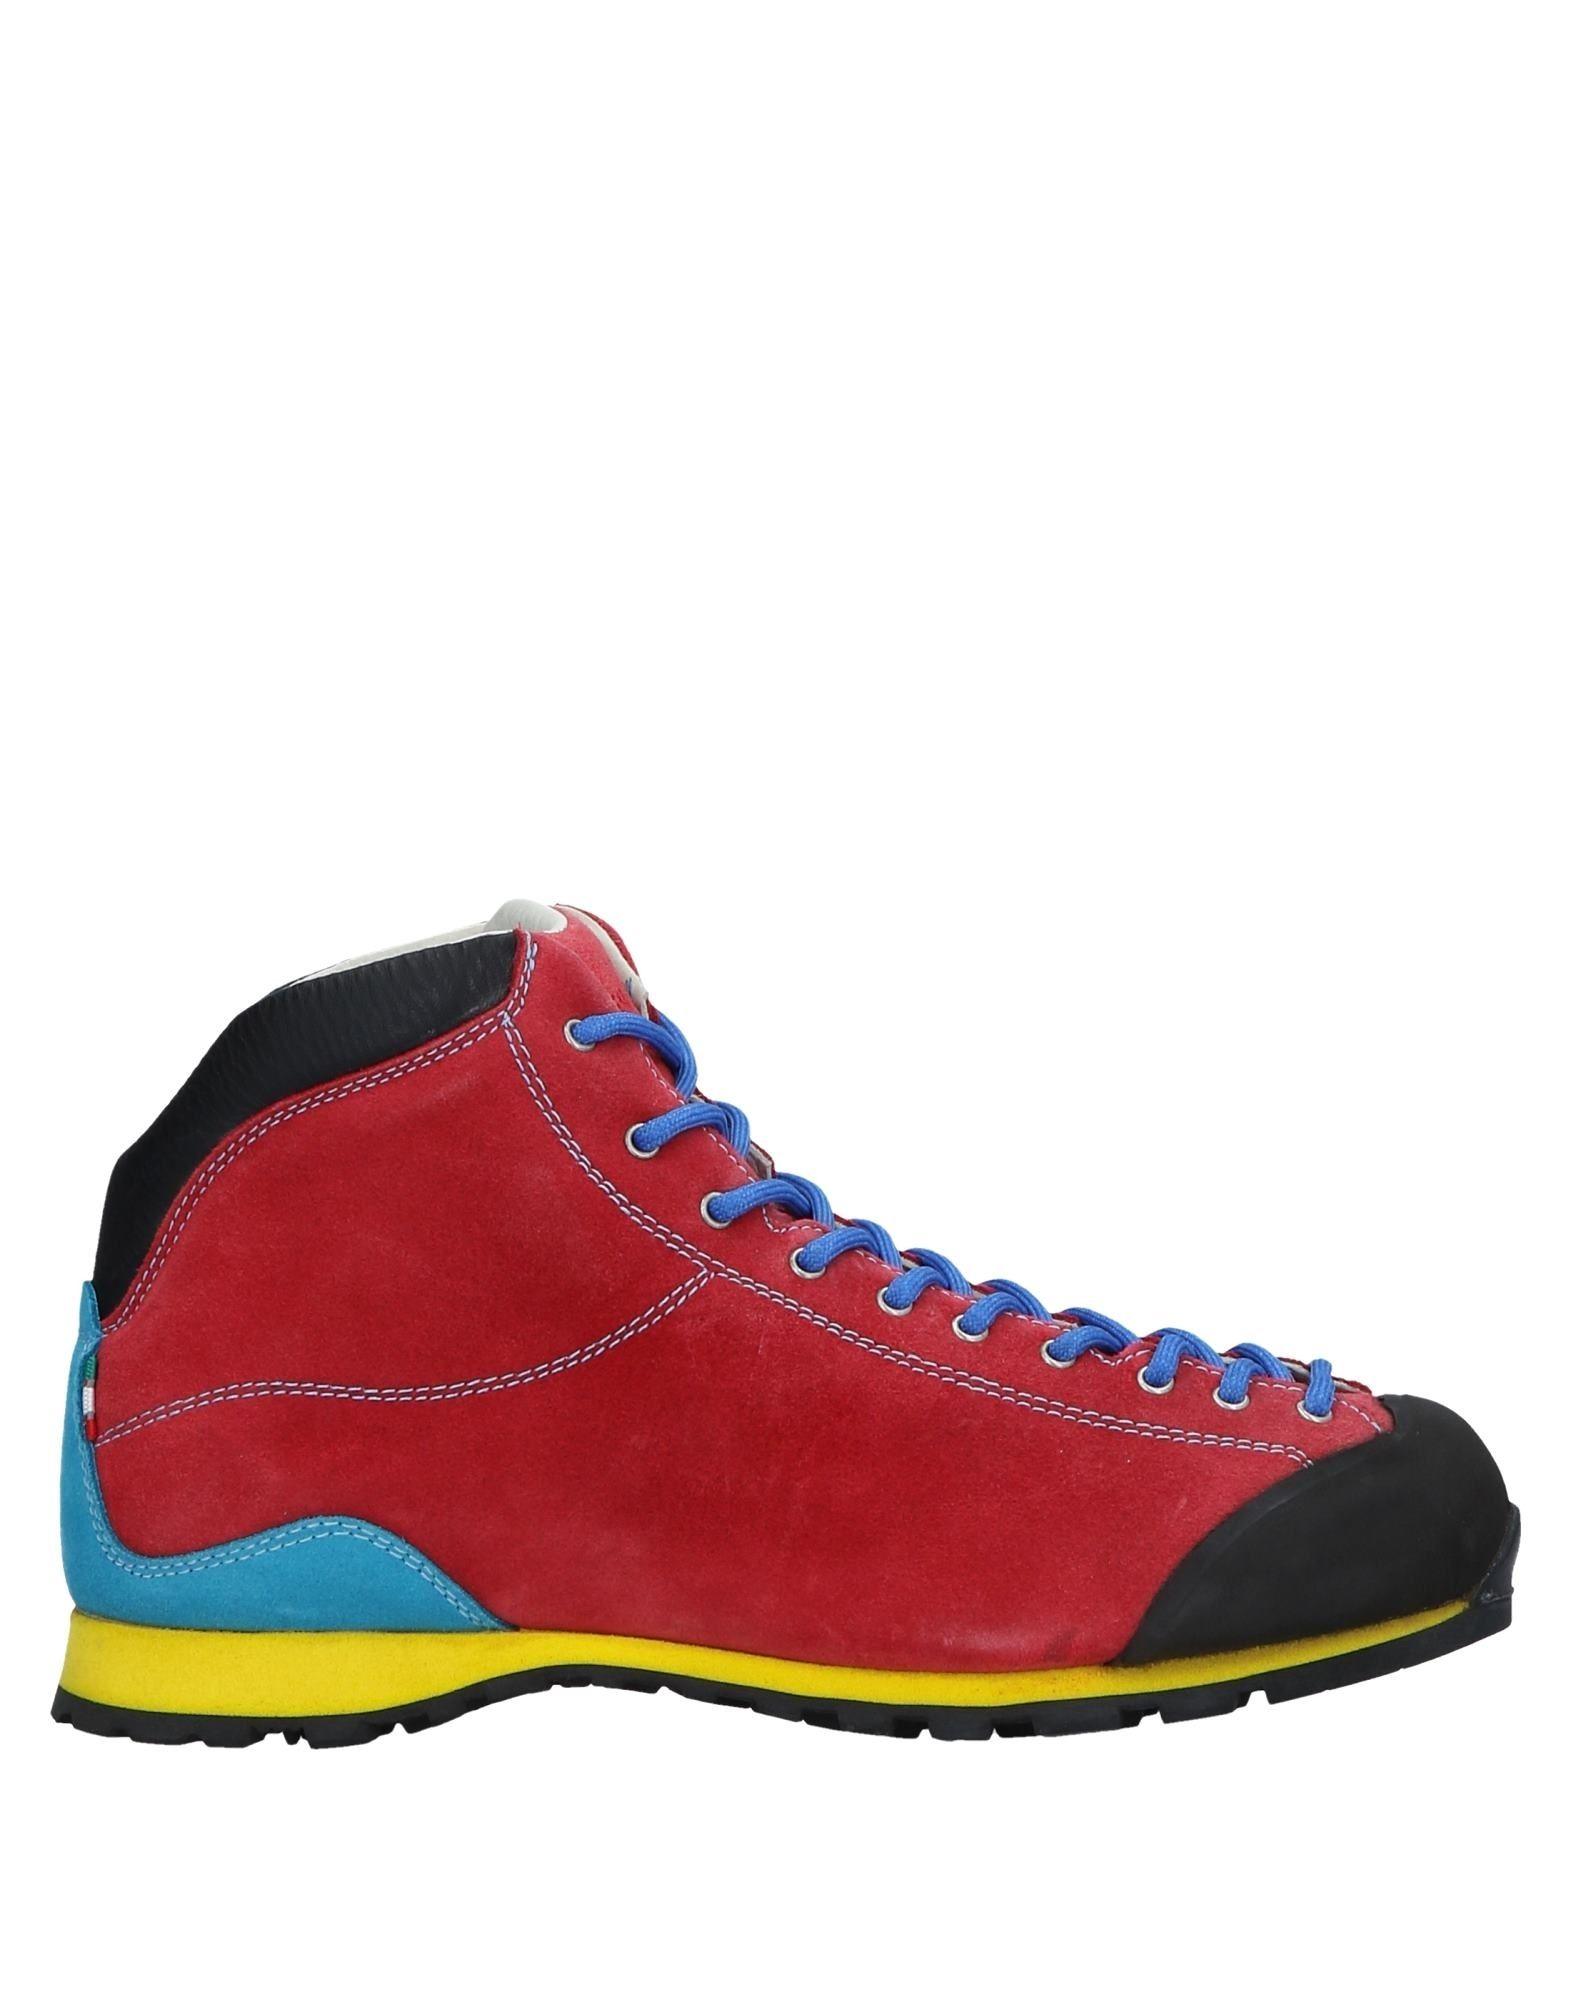 Diemme Stiefelette Herren  11522378EO Gute Qualität beliebte Schuhe